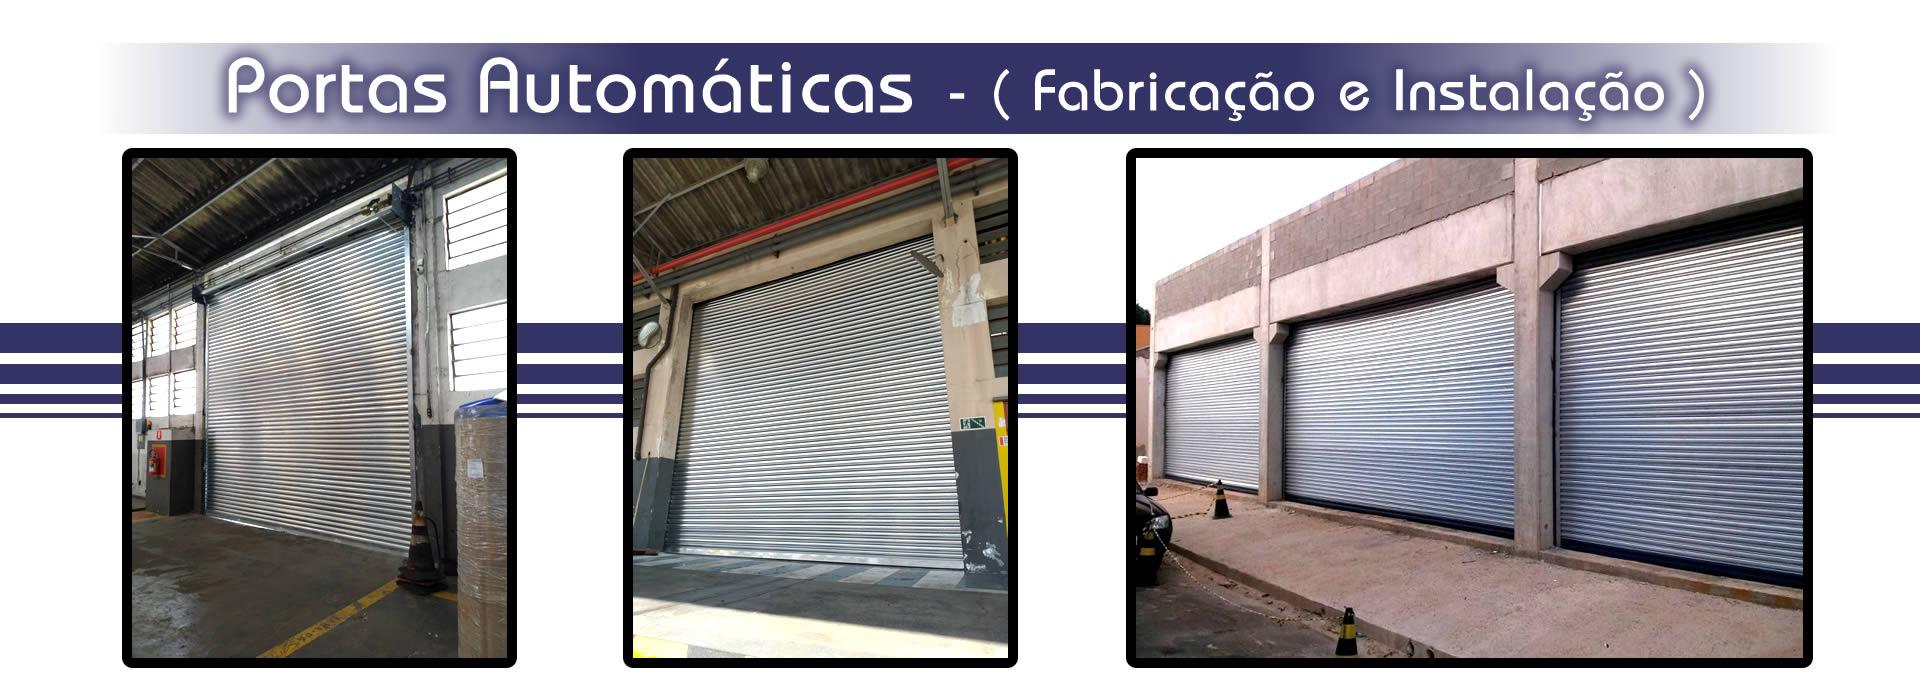 c2cd9c3dd Serralheria em SP - Serralheria Industrial, Esquadrias de Ferro, Mezaninos  Metálico, Portões Industrial, Portas de Aço em São Paulo.